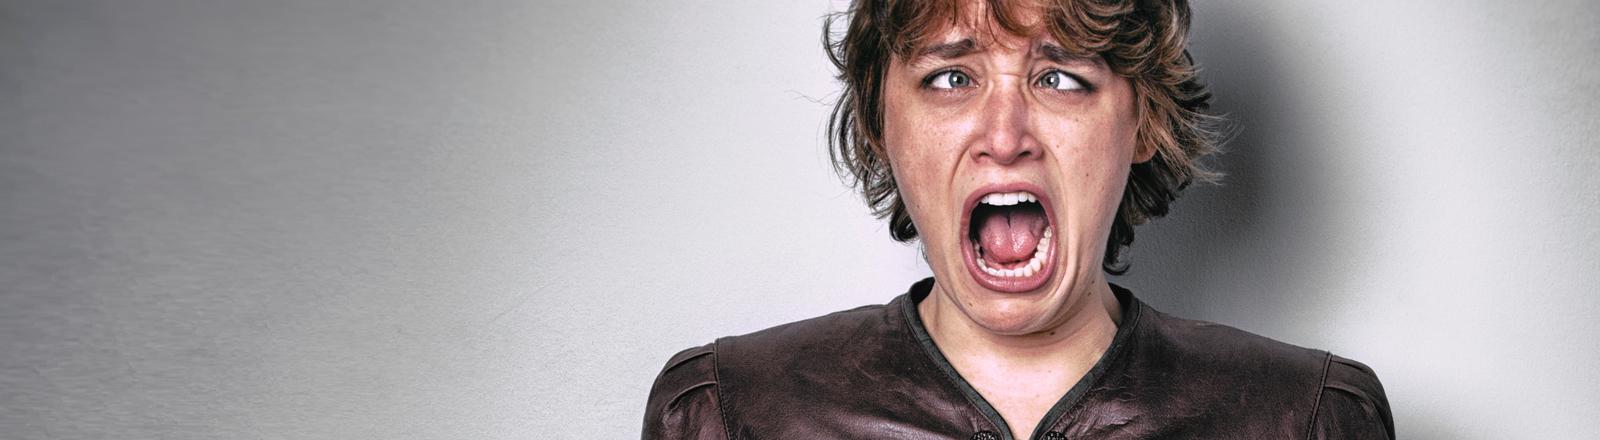 Eine Frau zieht eine Schrei-Grimasse.